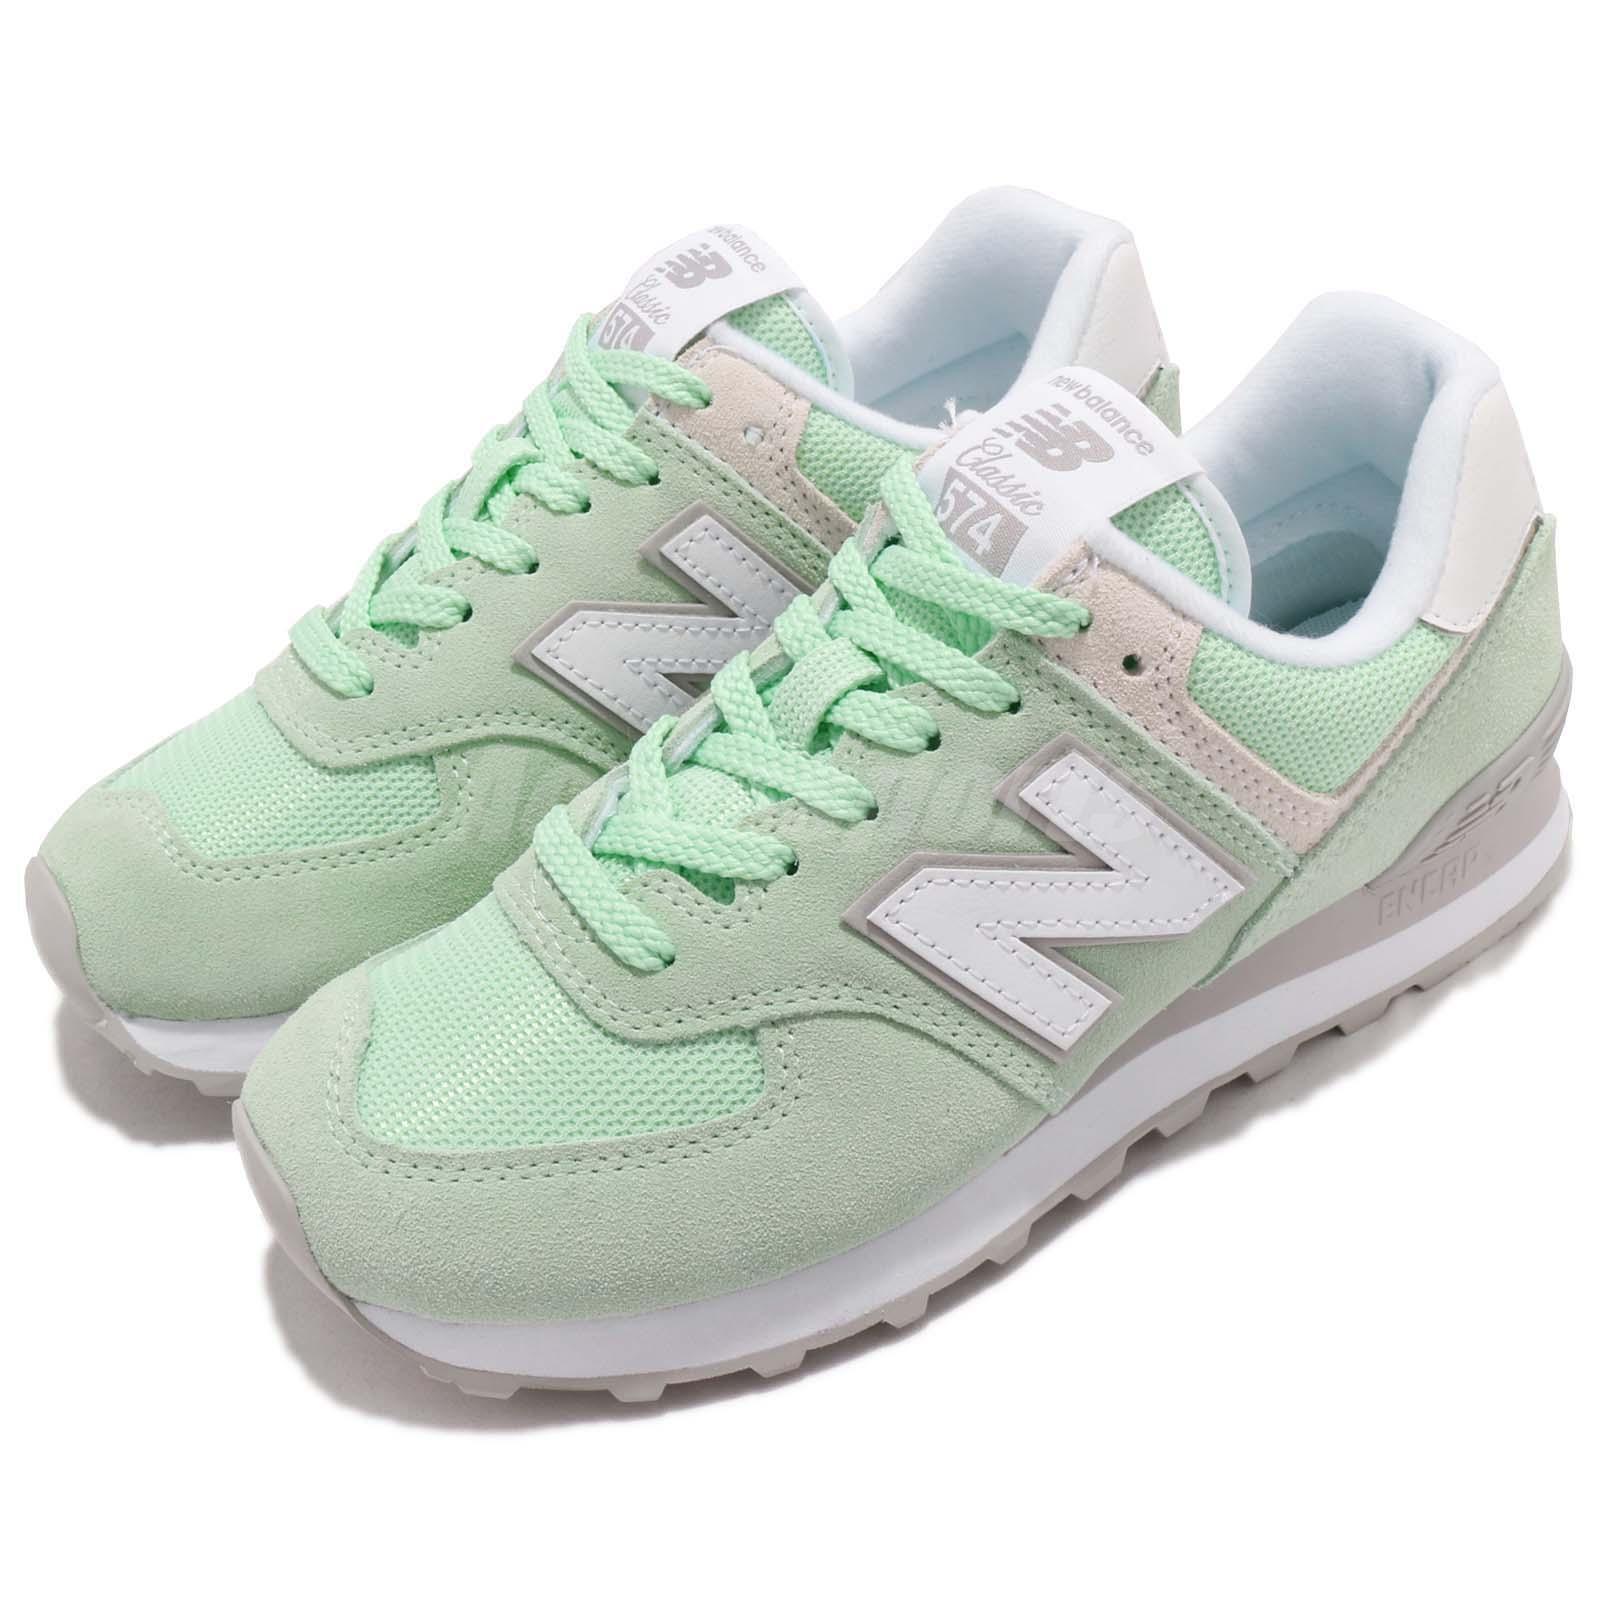 nouveau   WL574ESM B 574 vert blanc femmes FonctionneHommest chaussures paniers WL574ESMB